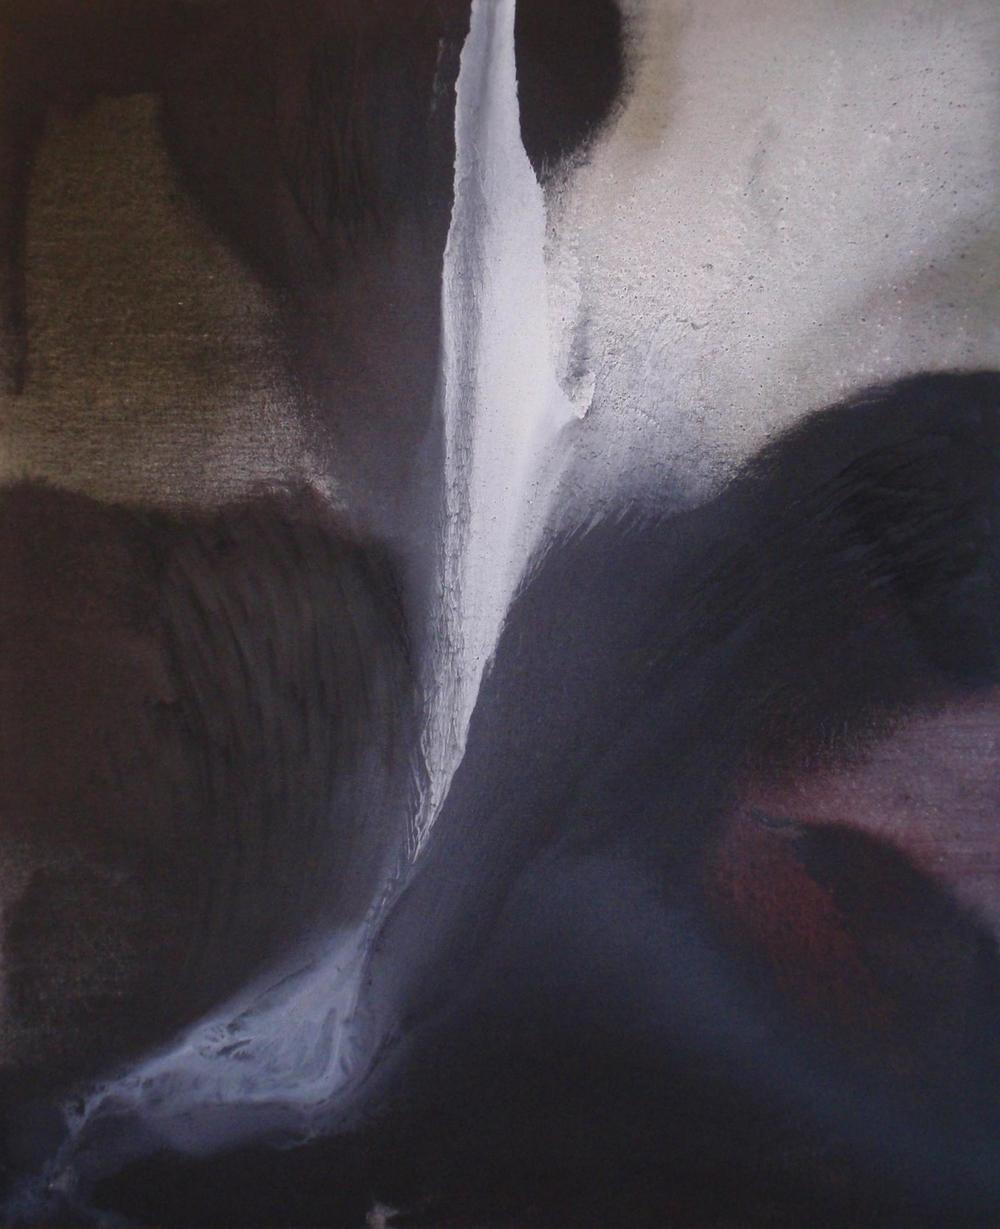 15 settembre, 2010, olio su tela, cm 110 x 90  15 settembre, 2010, oil on canvas, cm 110 x 90